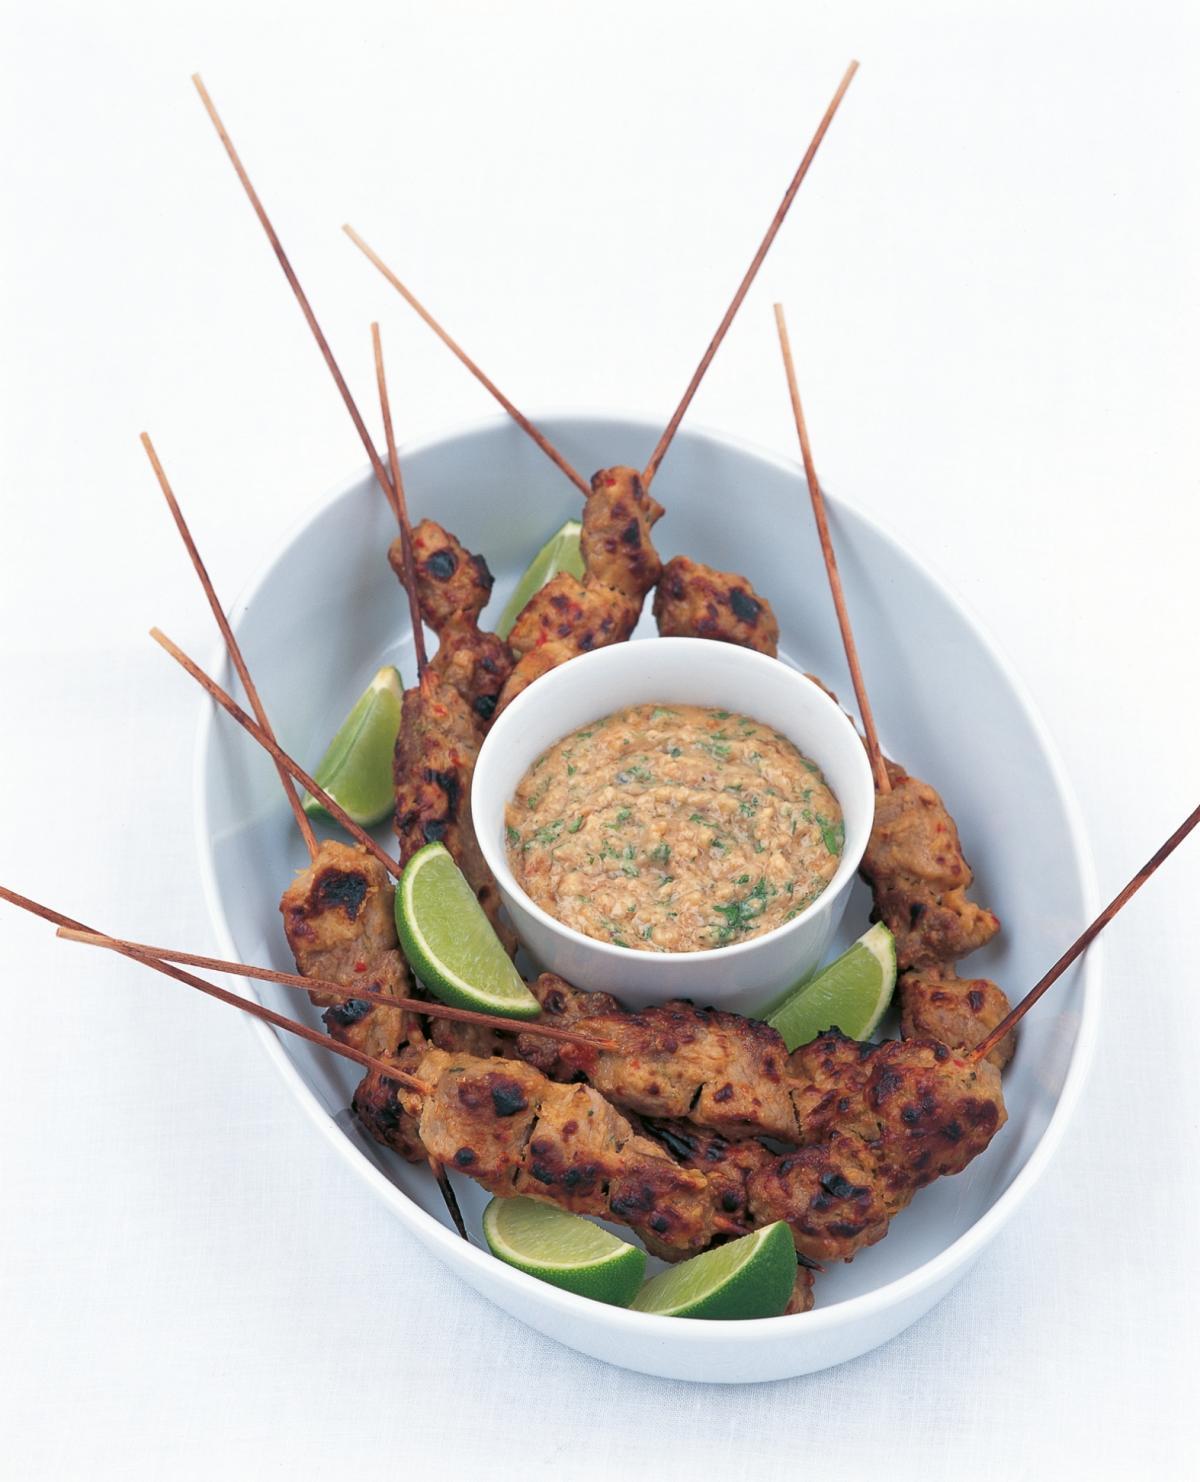 A picture of Delia's Thai recipes